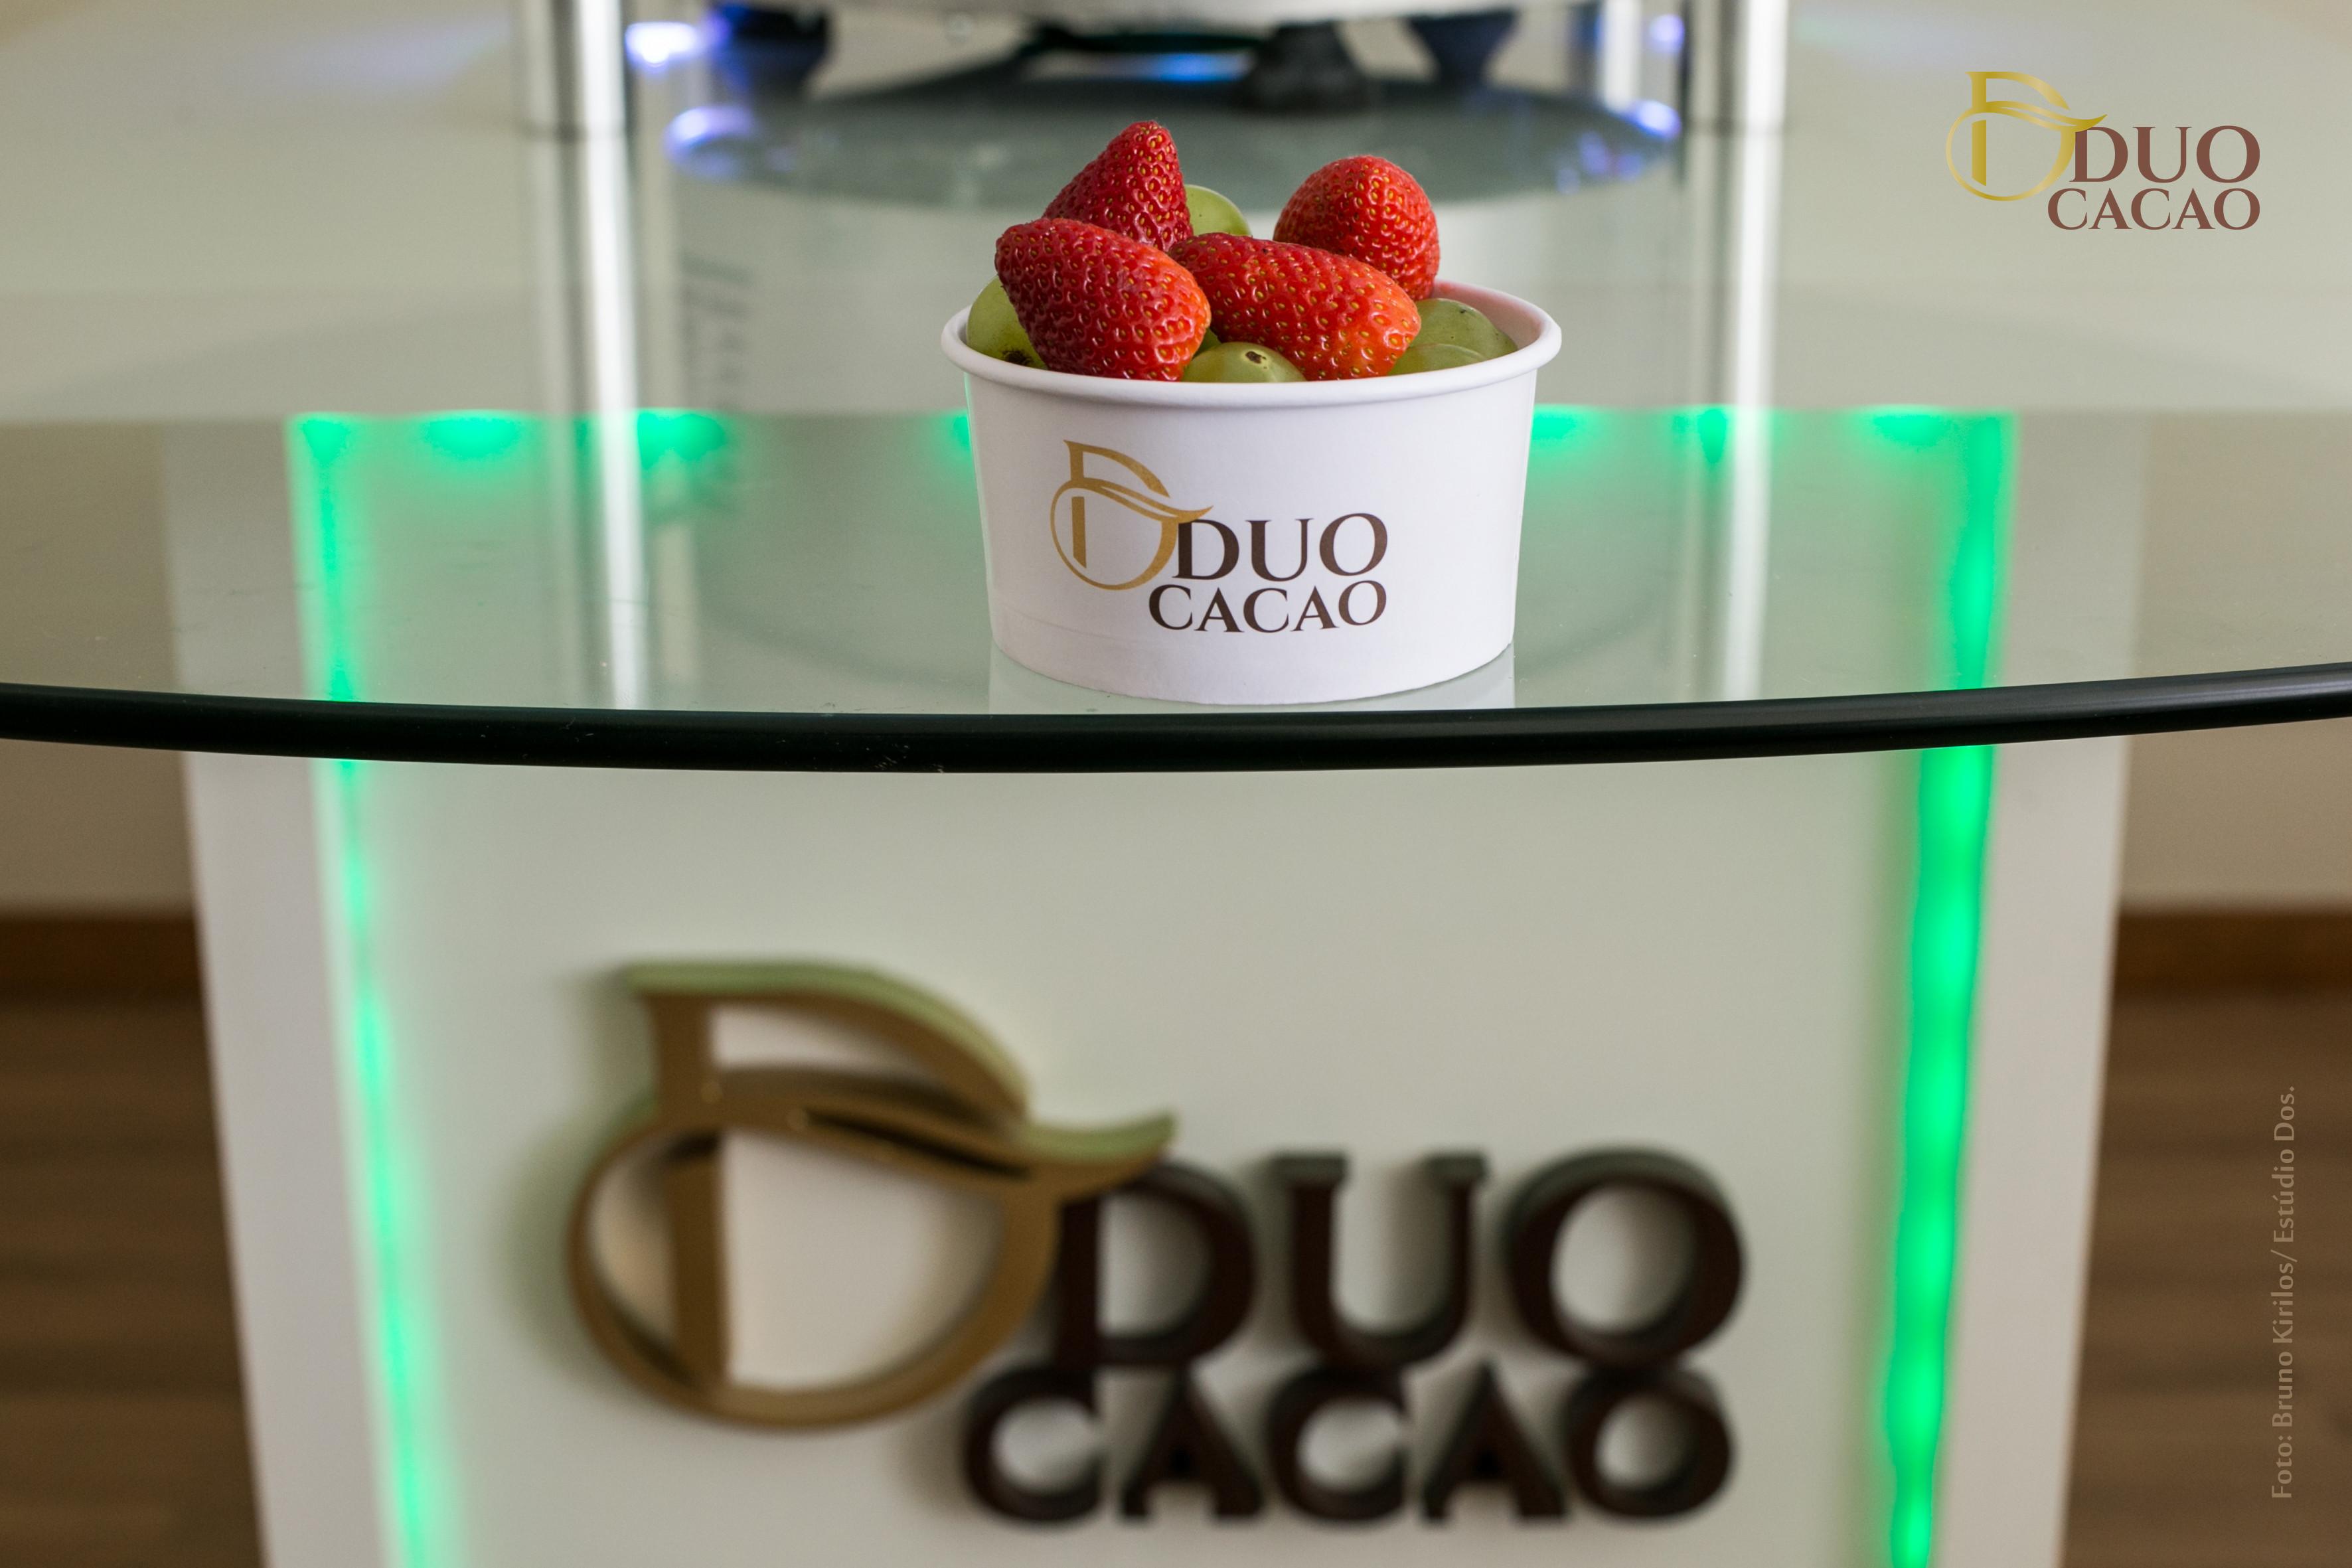 Cascata de Chocolate em Curitiba Duo Cacao